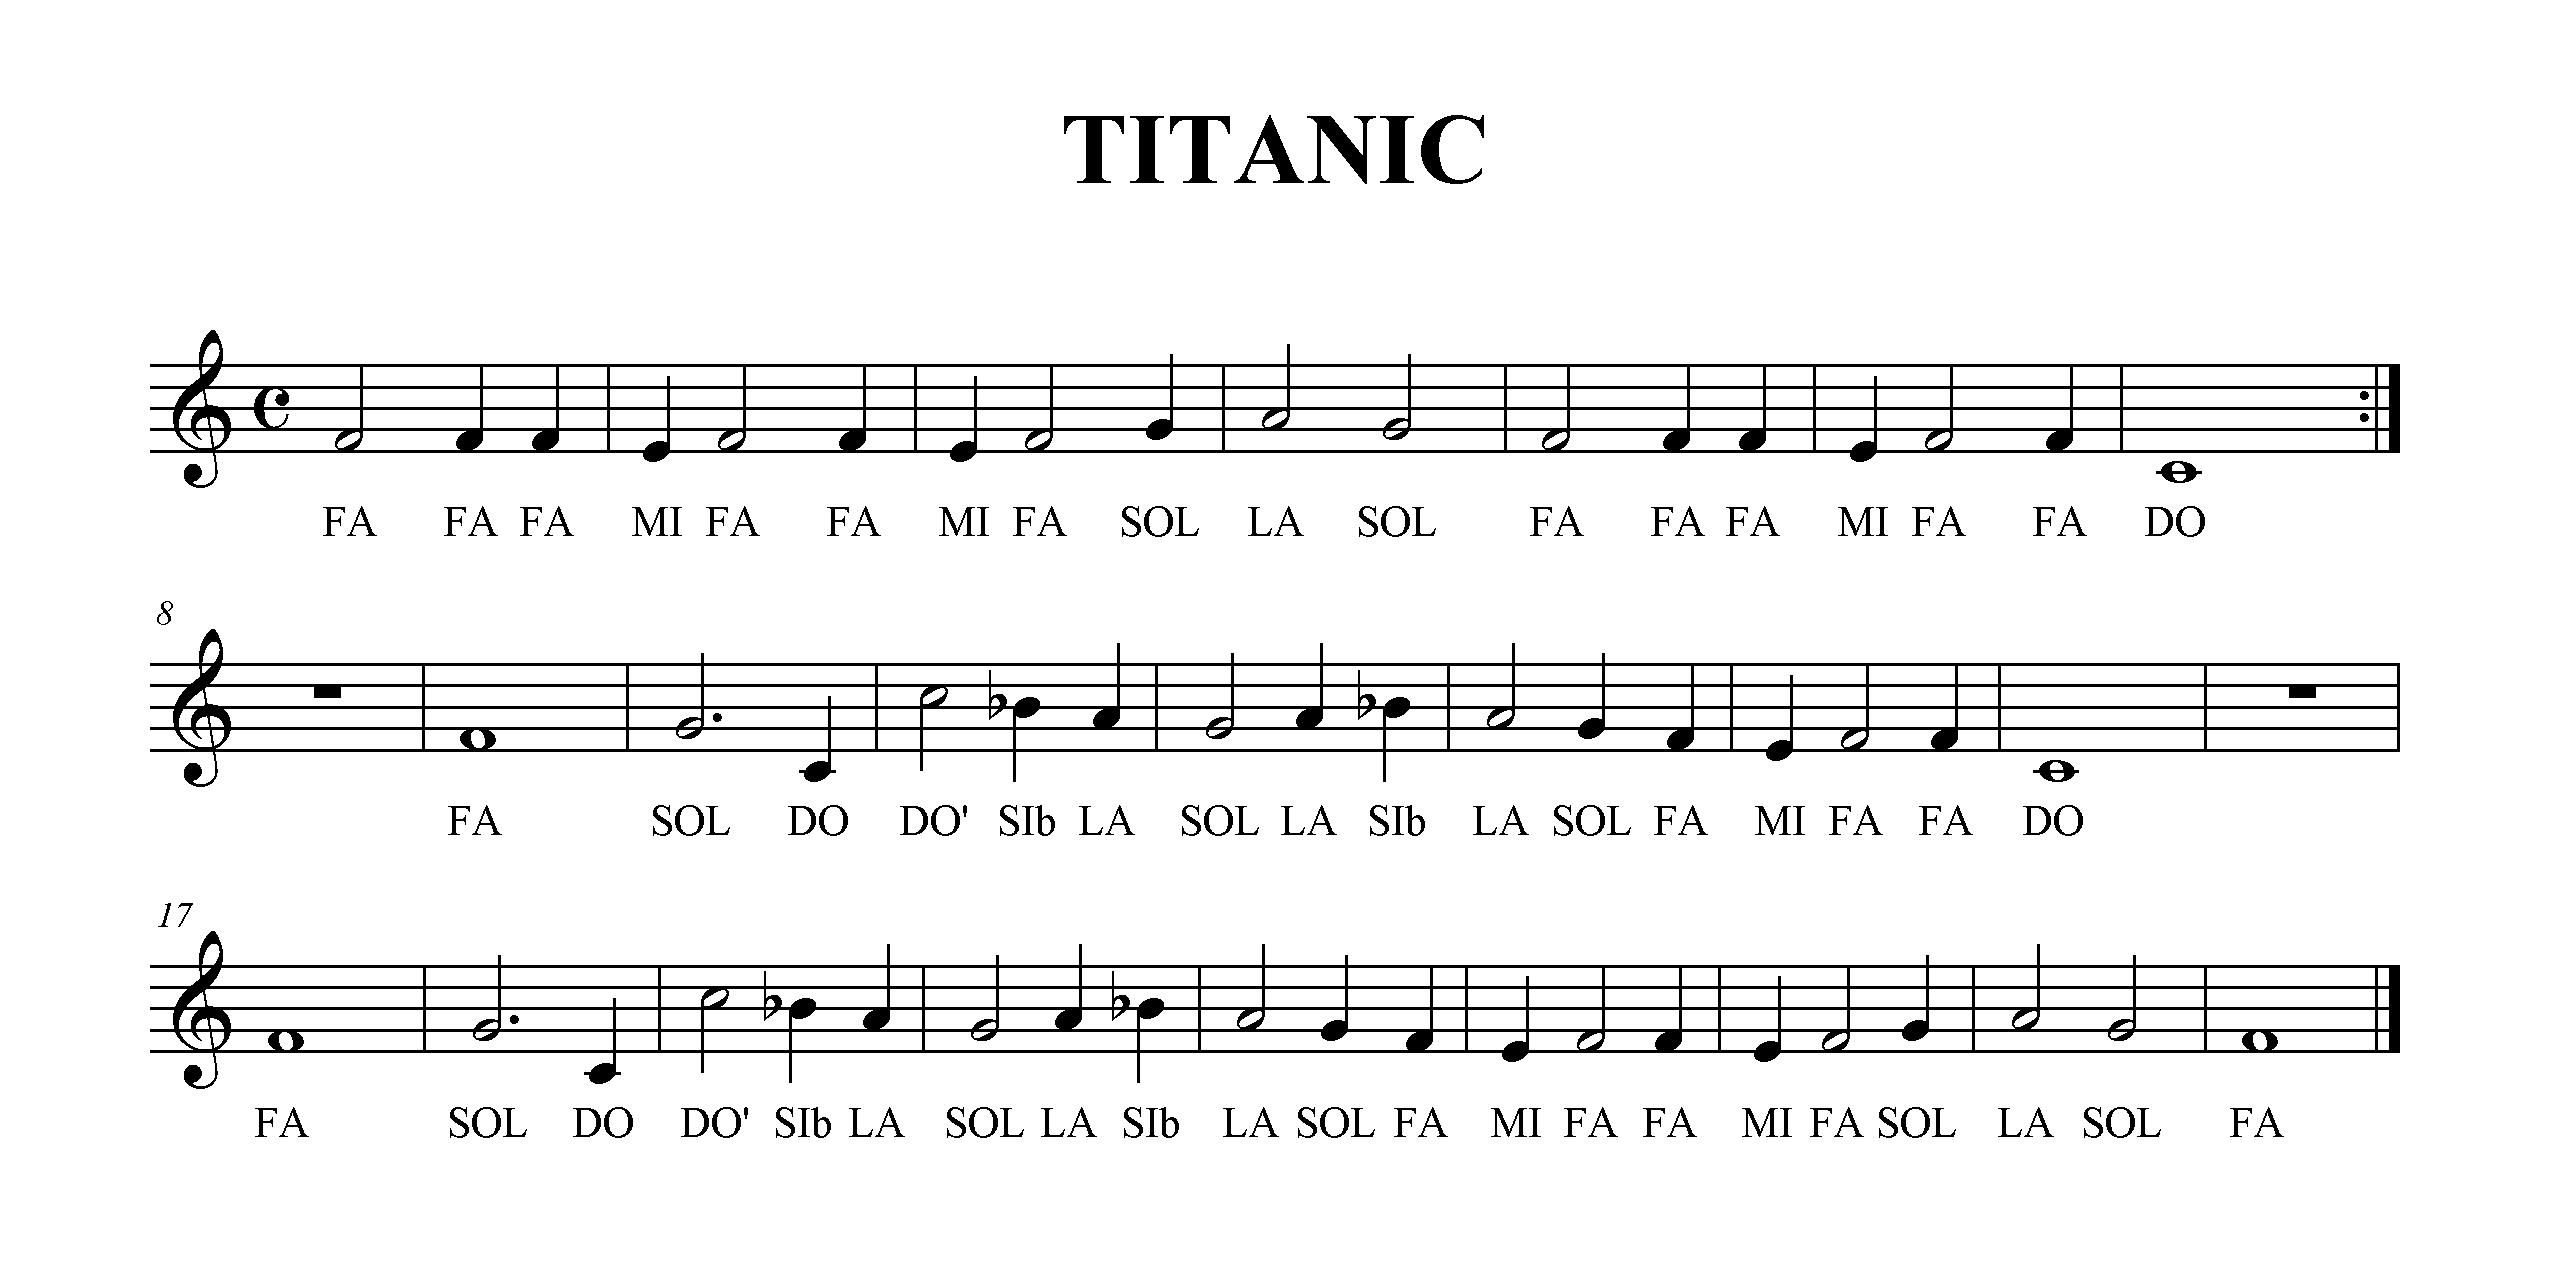 letra de la cancion de titanic con: